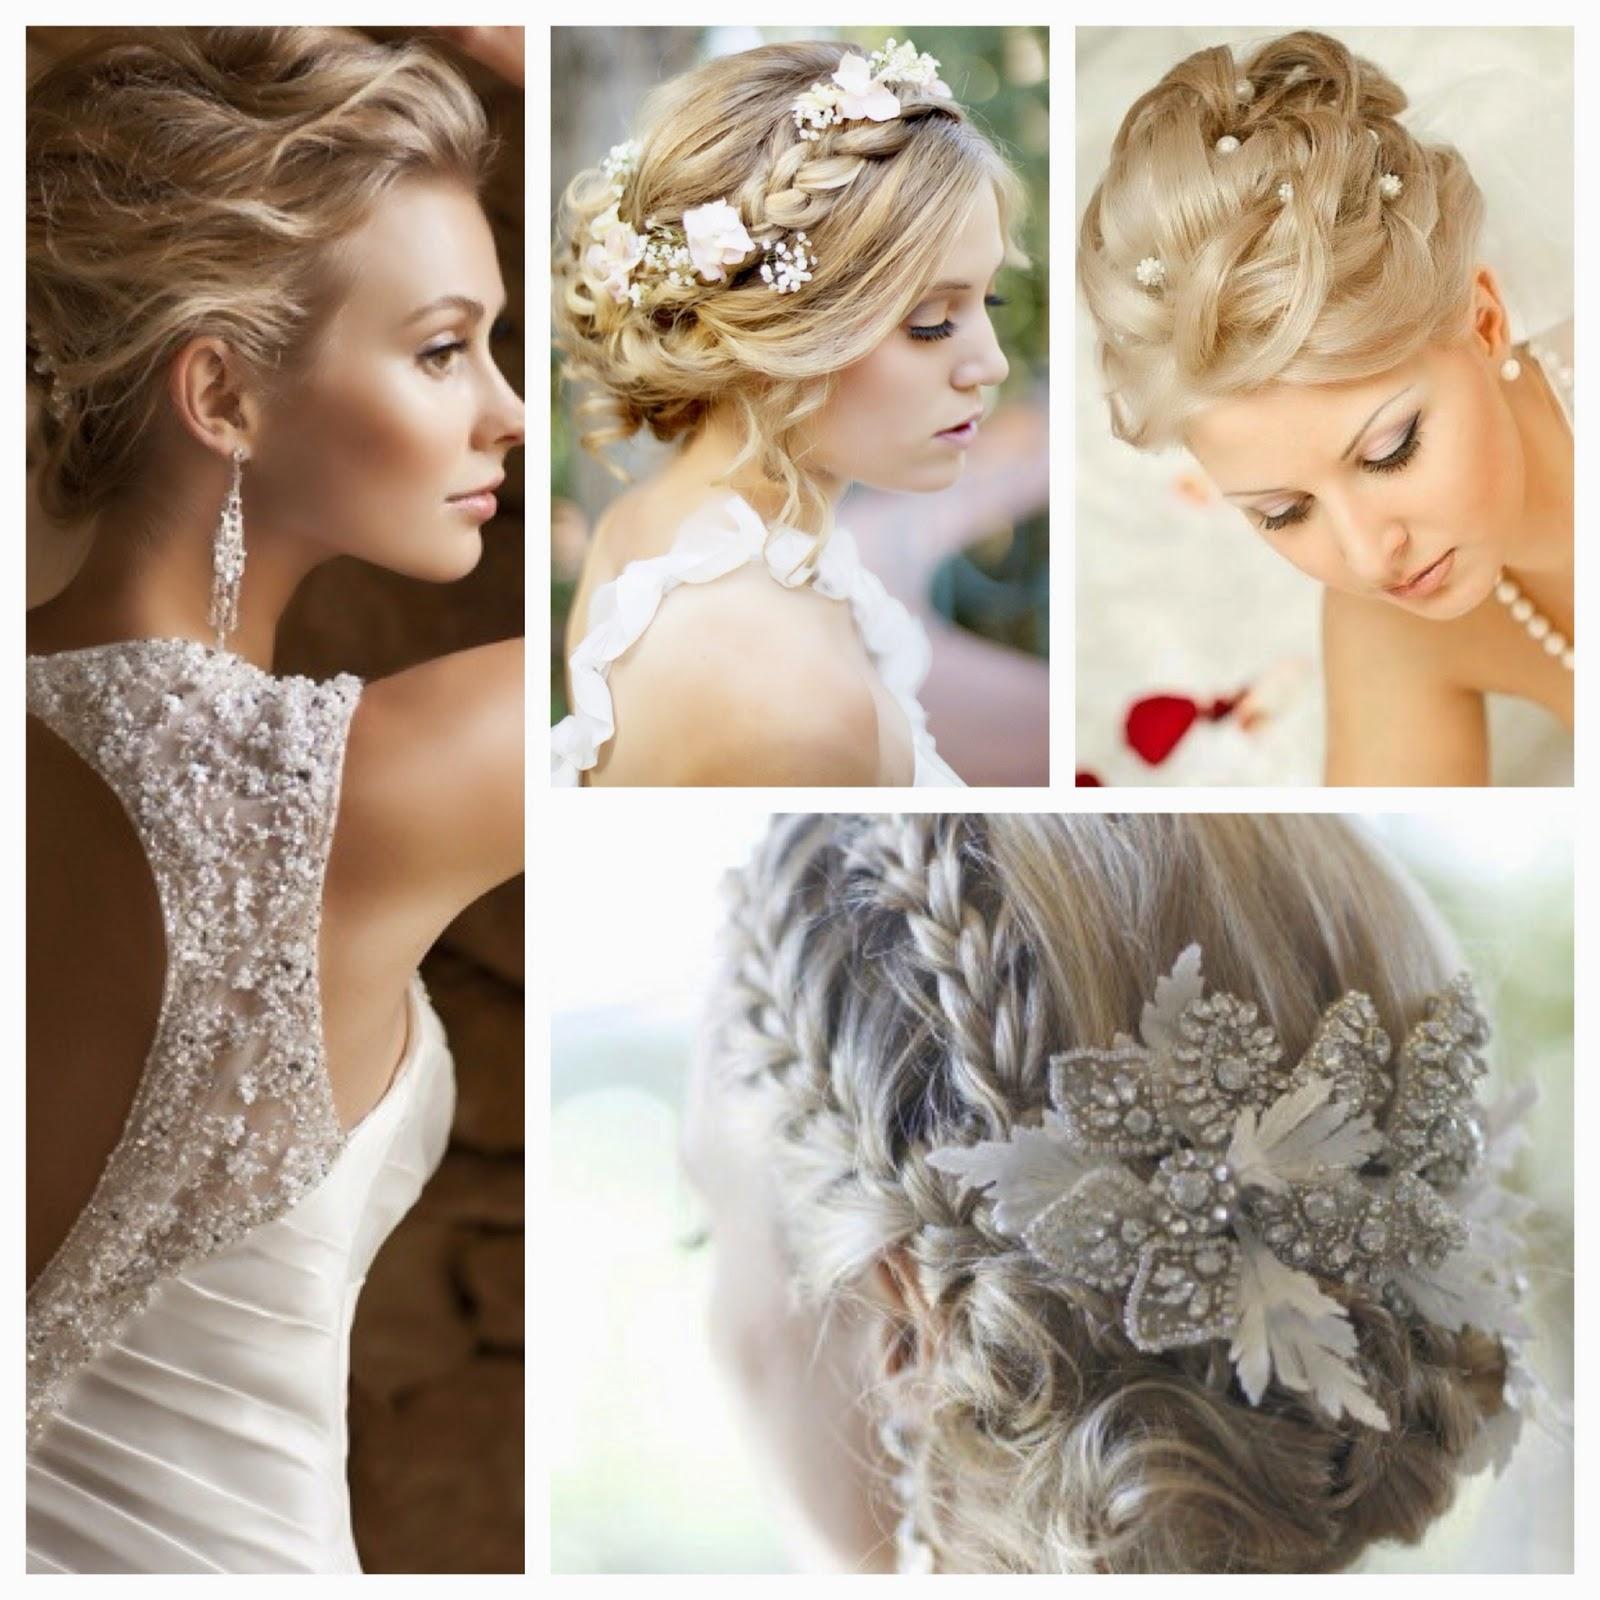 Tipos de recogidos para novias mis secretos de boda events - Recogidos altos para bodas ...